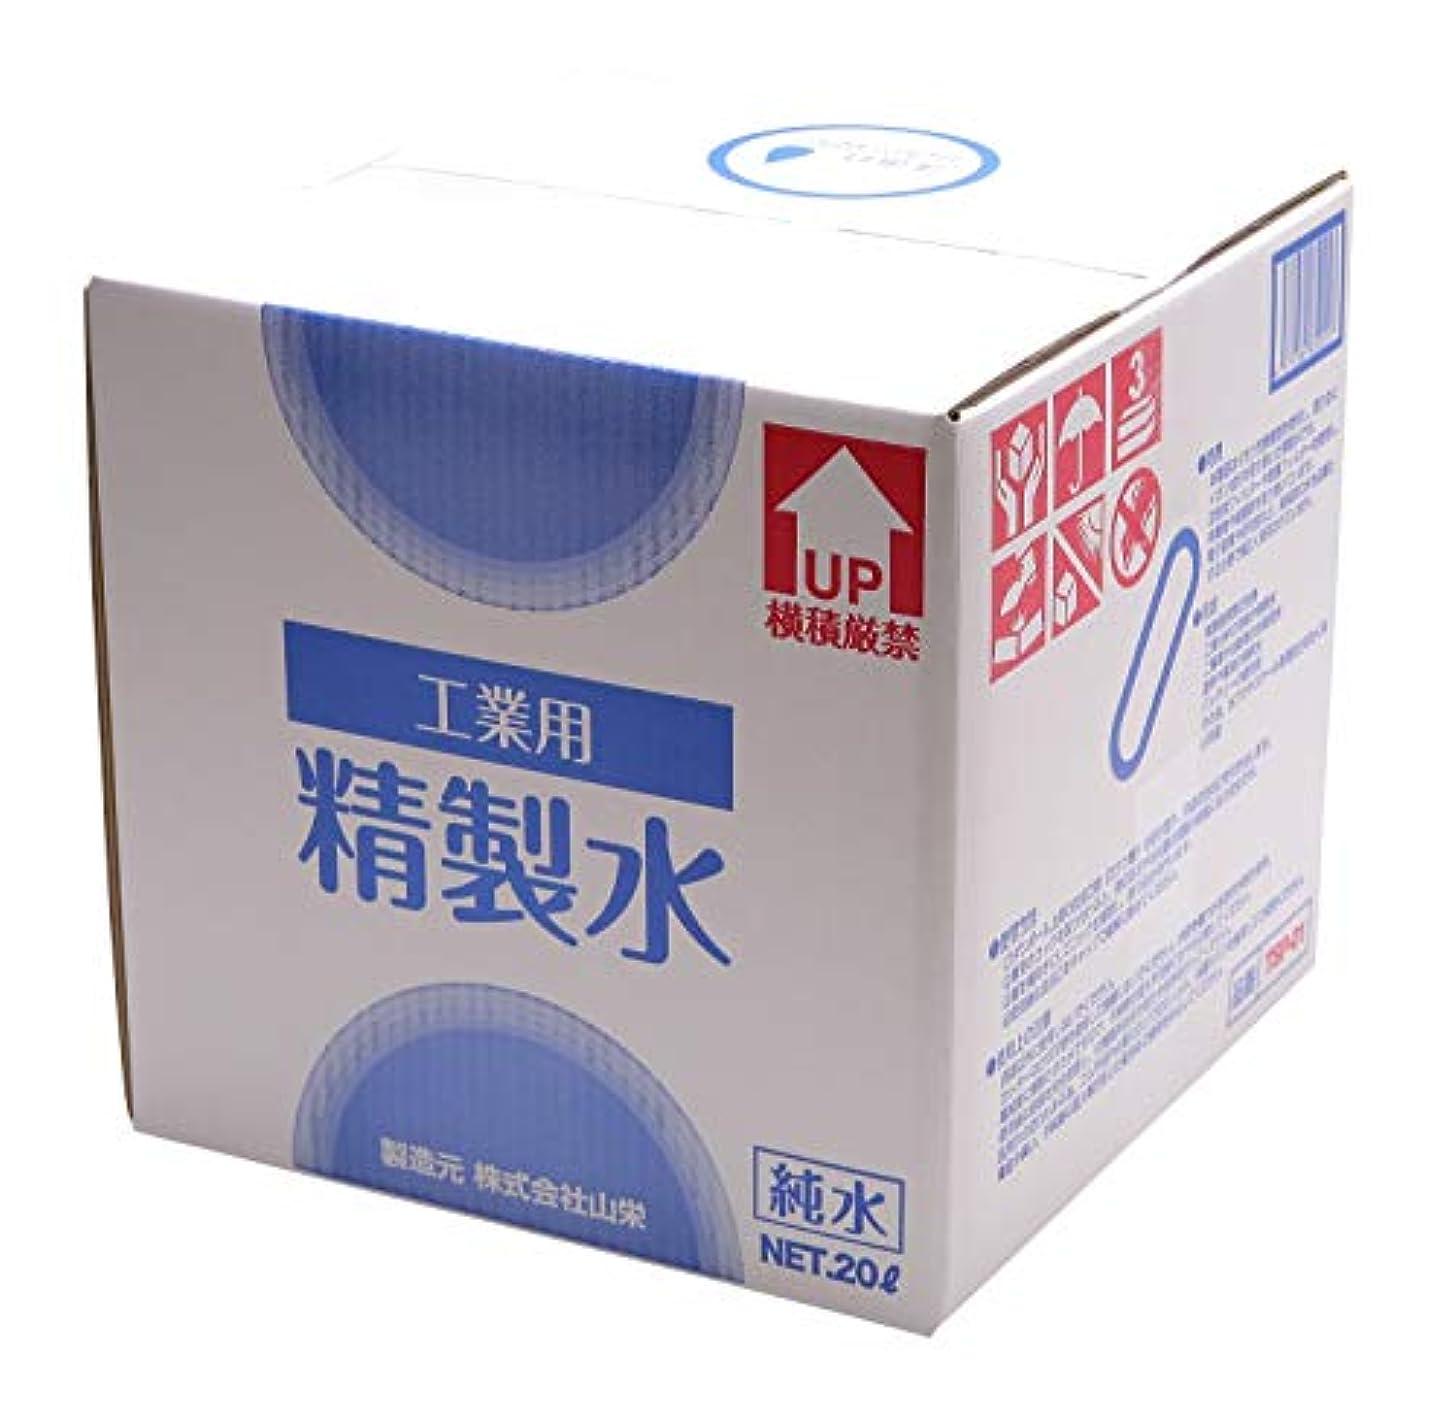 香港熱望する悔い改めるサンエイ化学 工業用精製水 純水 20L×5箱 コック付き 【スチーマー 加湿器 オートクレーブ エステ 美容 歯科】